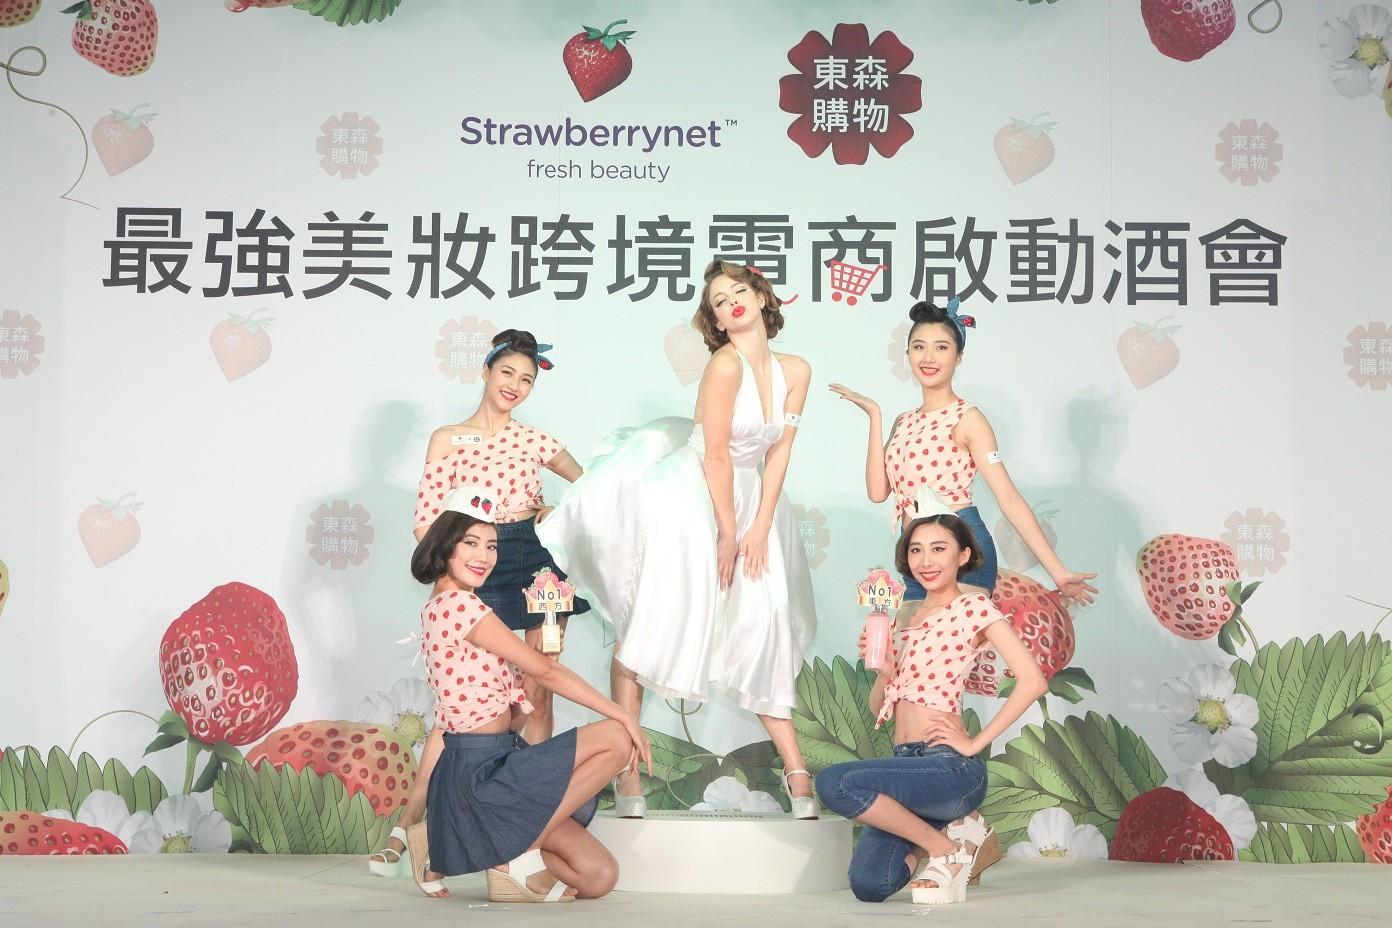 瞄準國際市場!東森購物結盟香港草莓網,發展美妝跨境電商